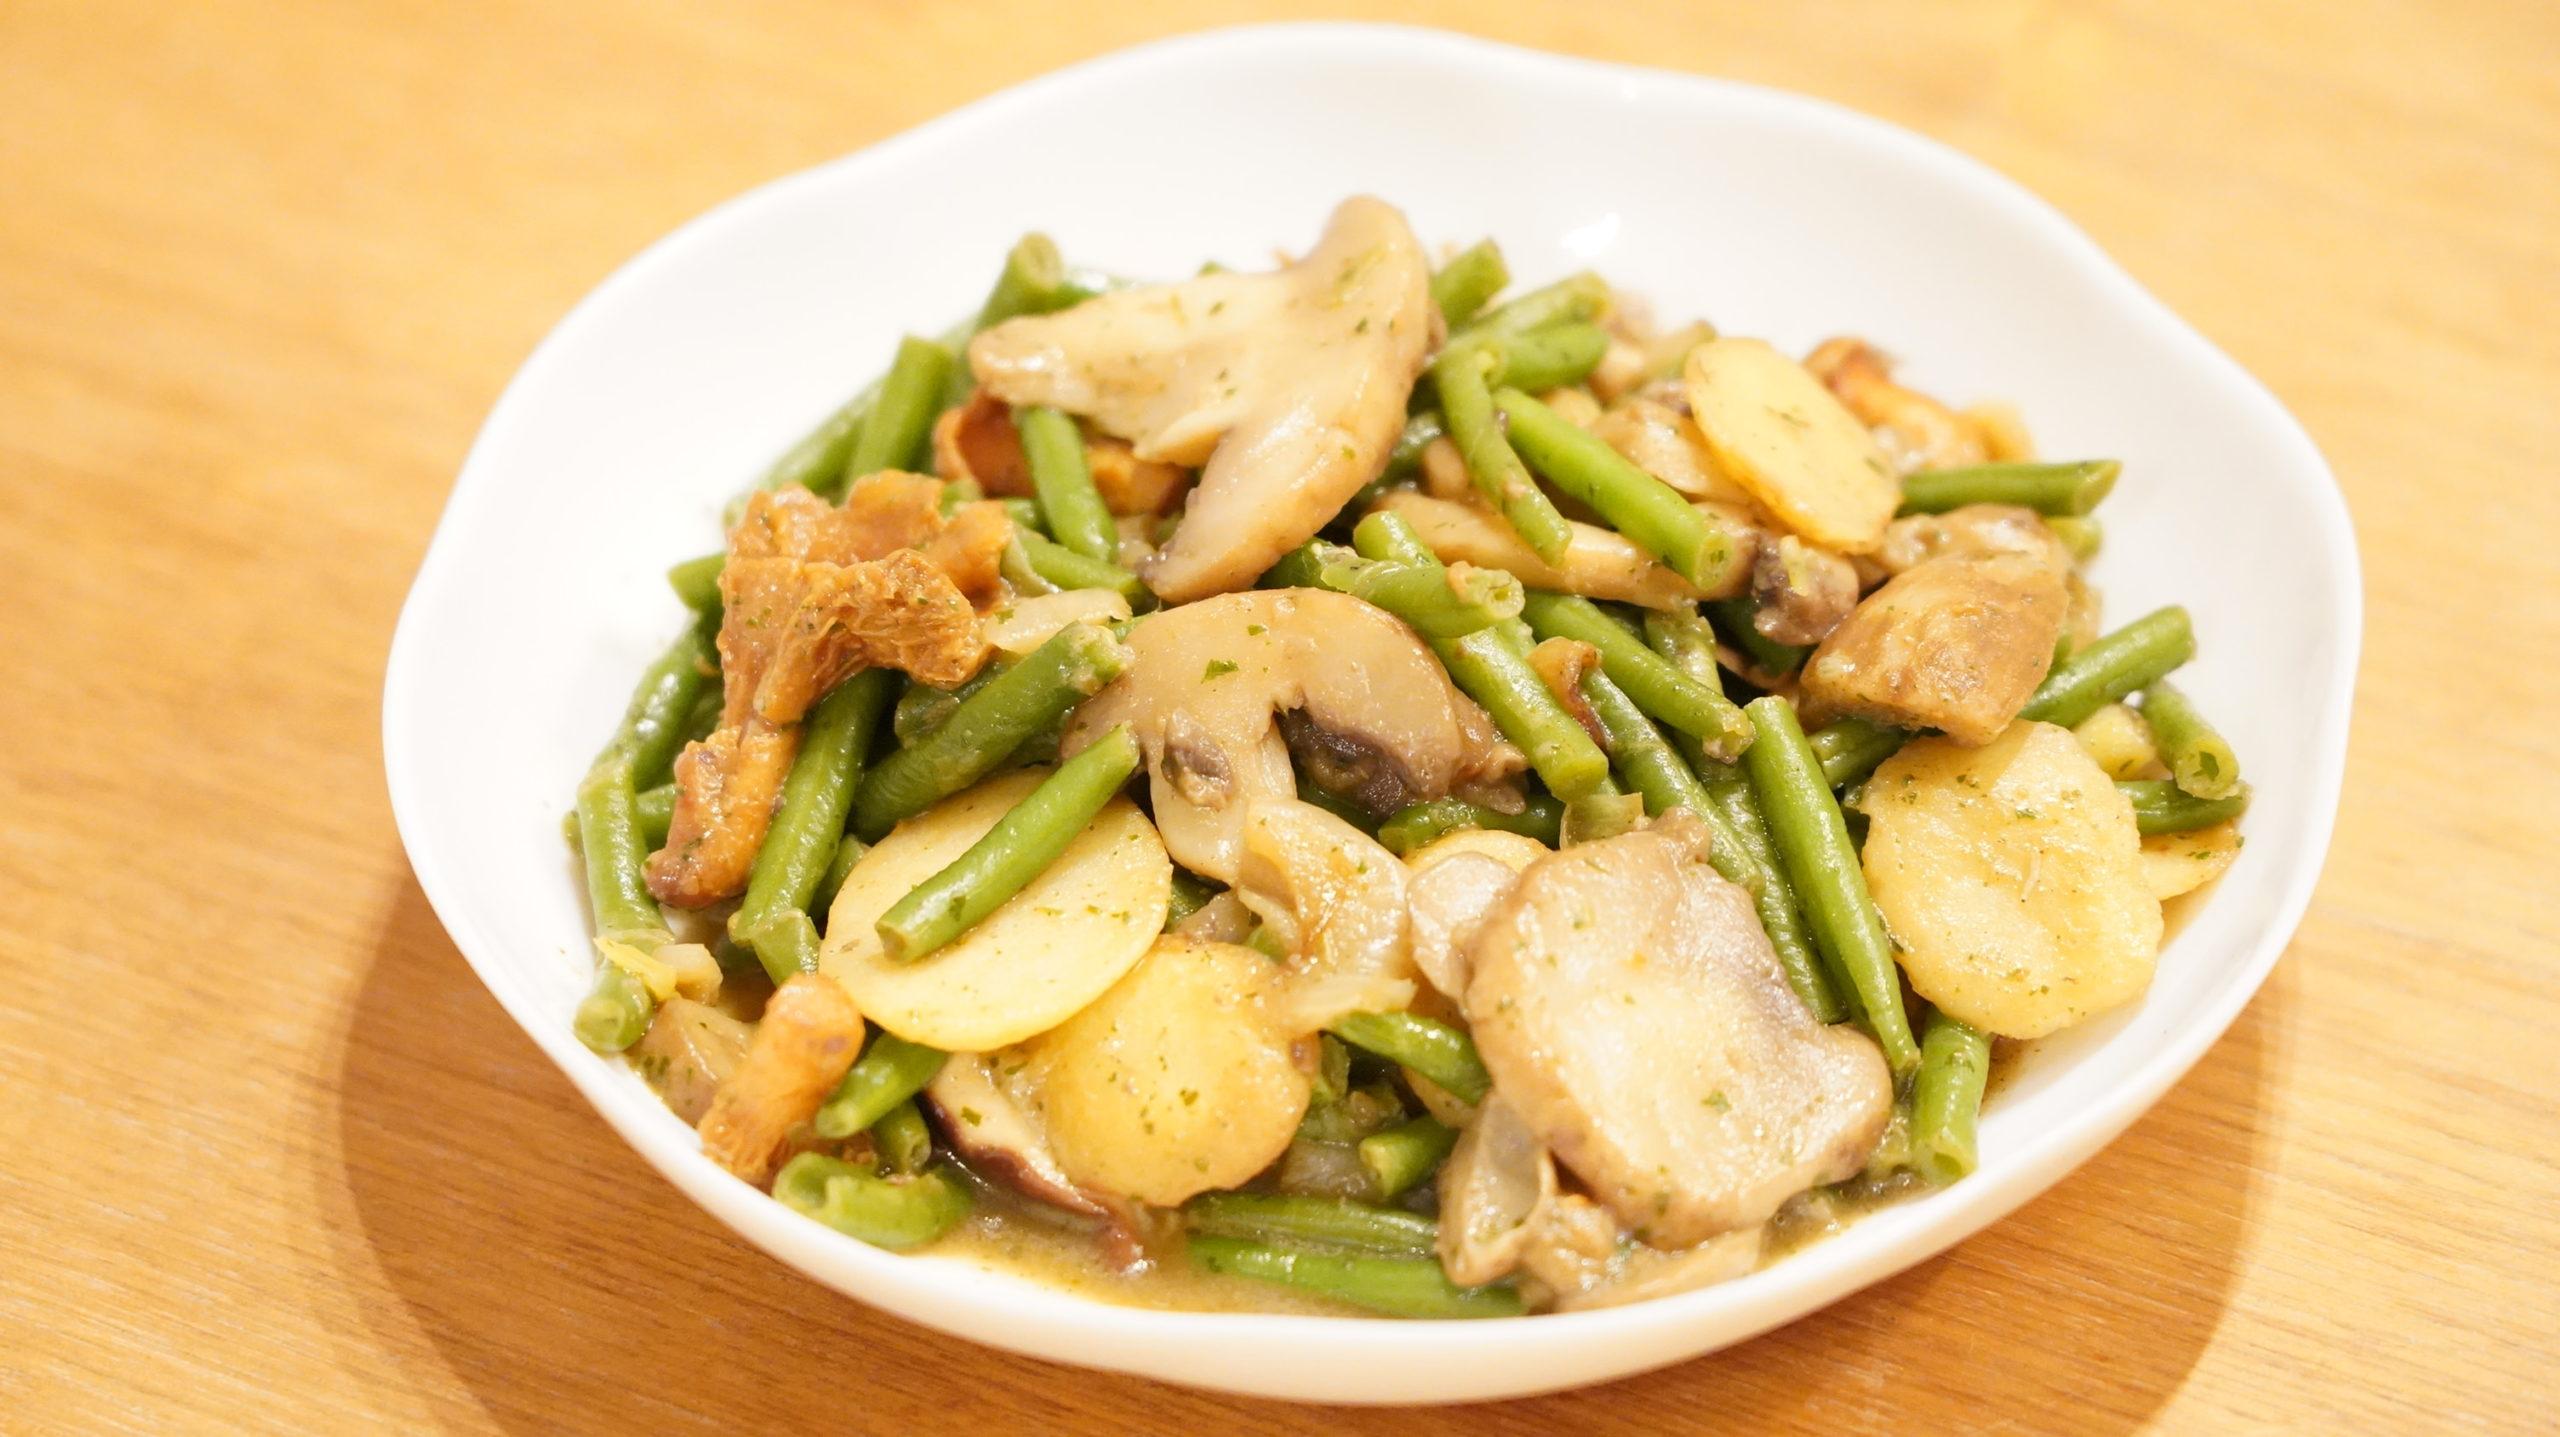 ピカールの冷凍食品「付合せ野菜ミックス(ジャガイモ、インゲン、キノコ)」を皿に盛り付けた写真